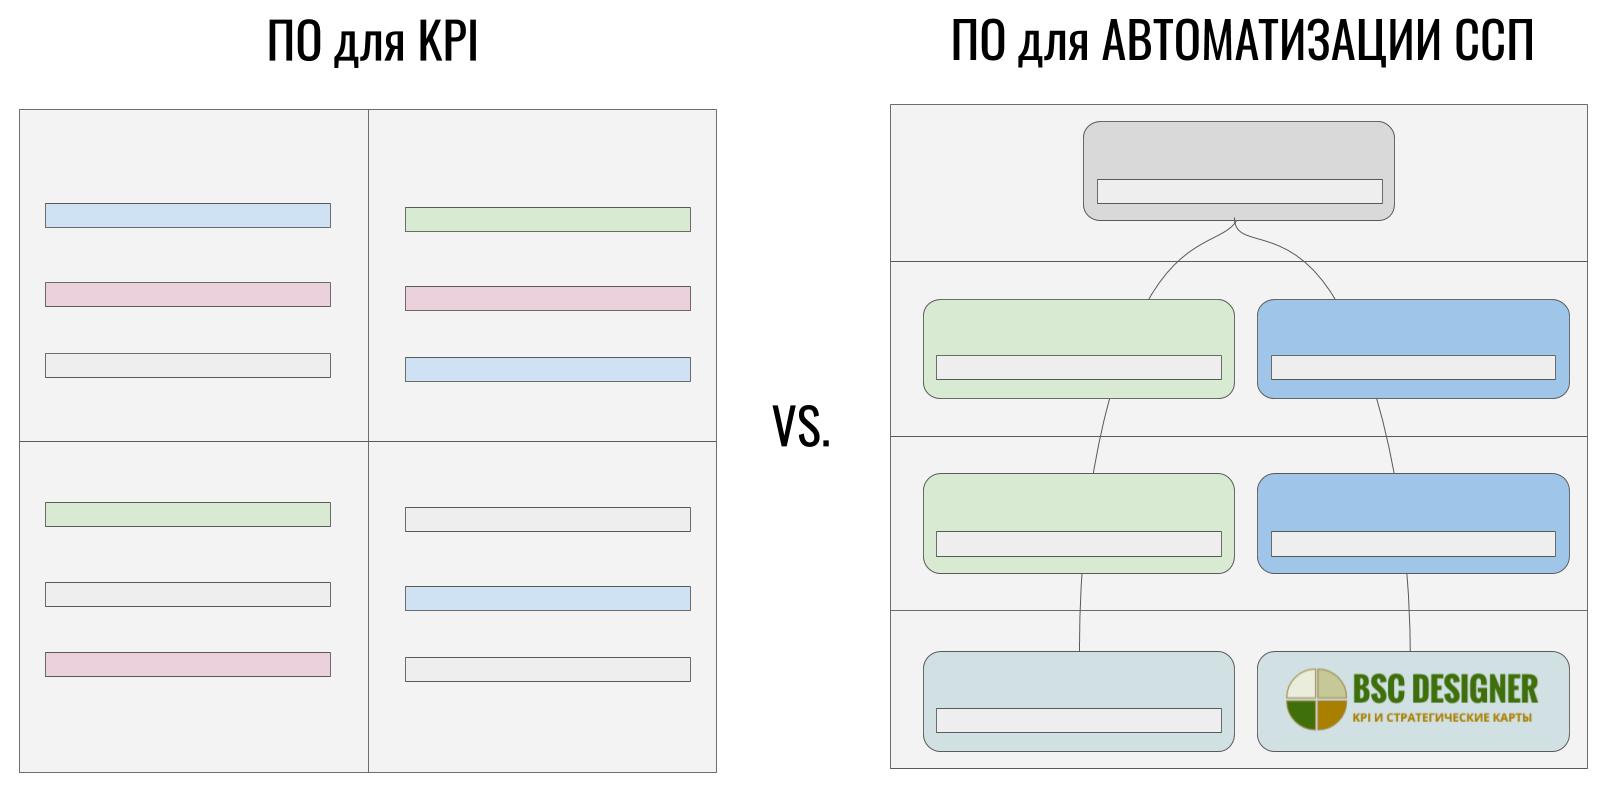 Программа для автоматизации ССП или программа для автоматизации KPI: в чем разница?